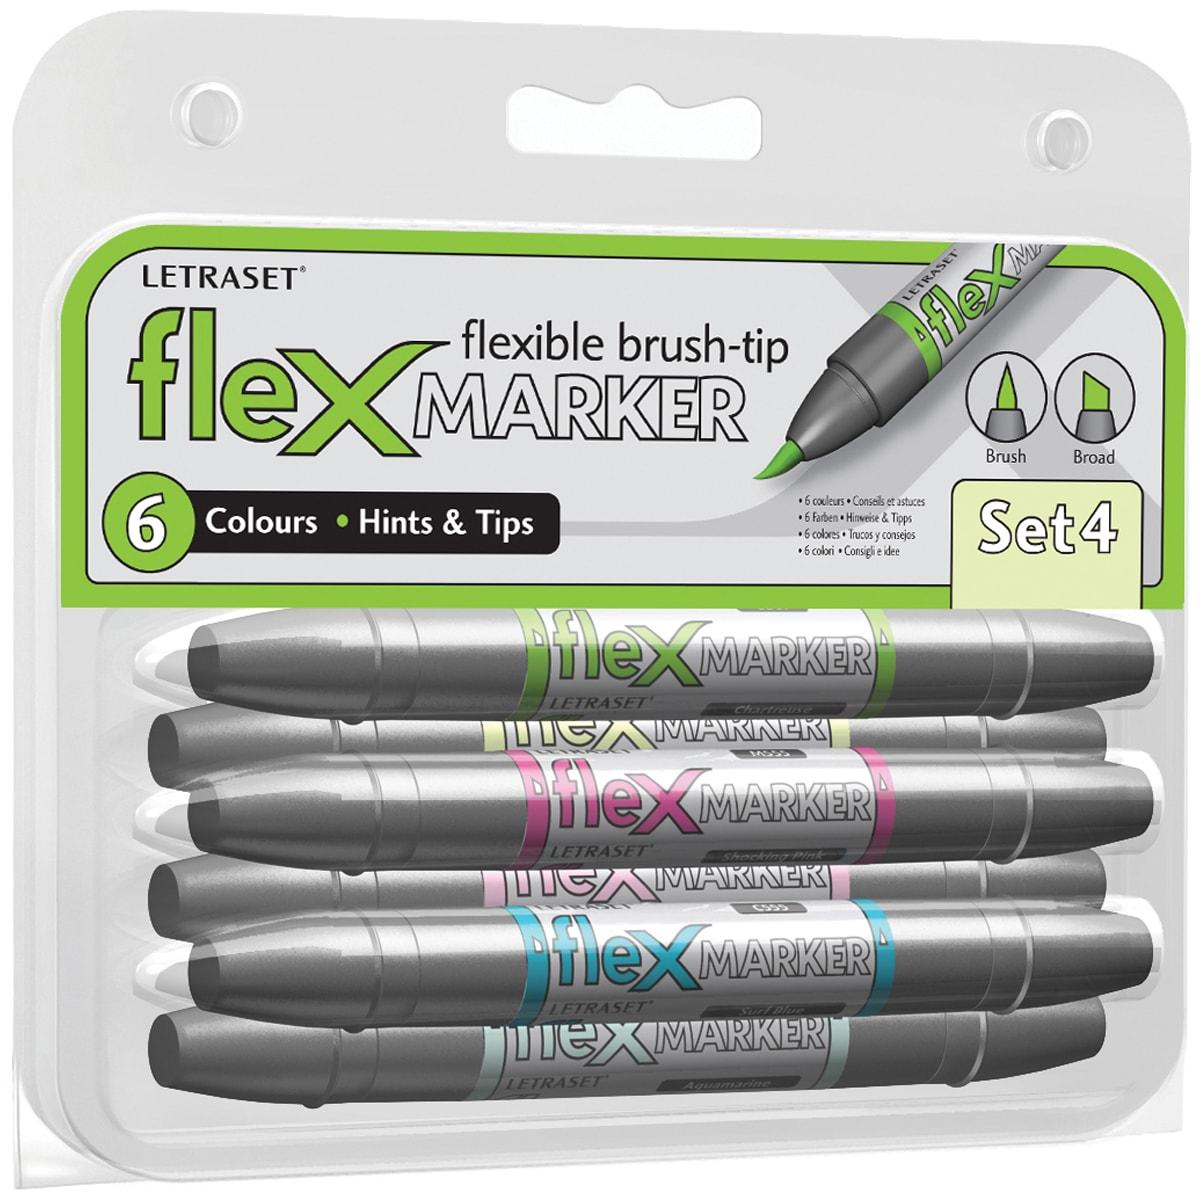 Letraset FlexMarker 6 Piece Set-Set 4